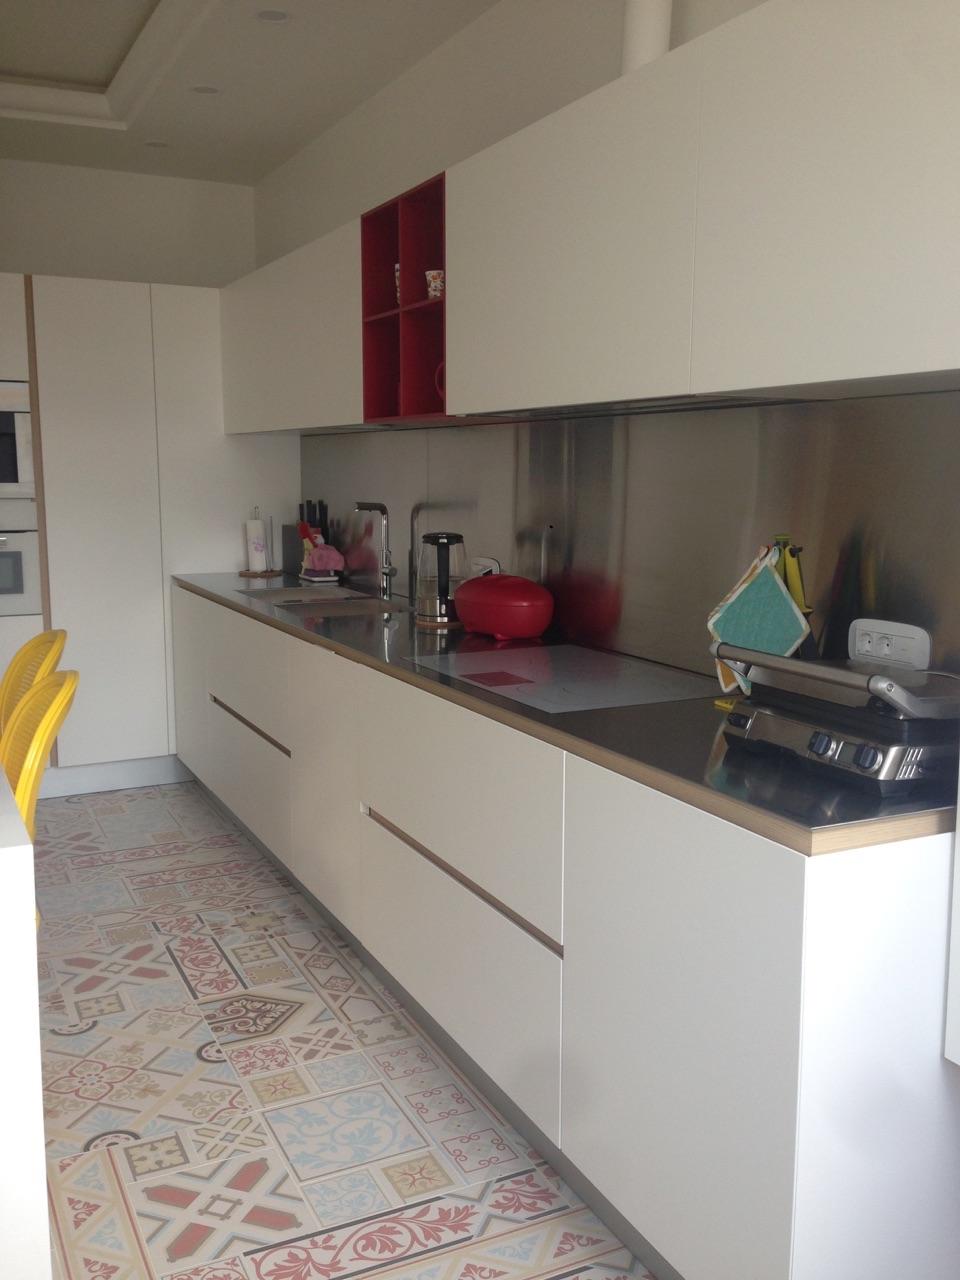 Arredatore interni zona giorno di un appartamento Mosca - cucine ...